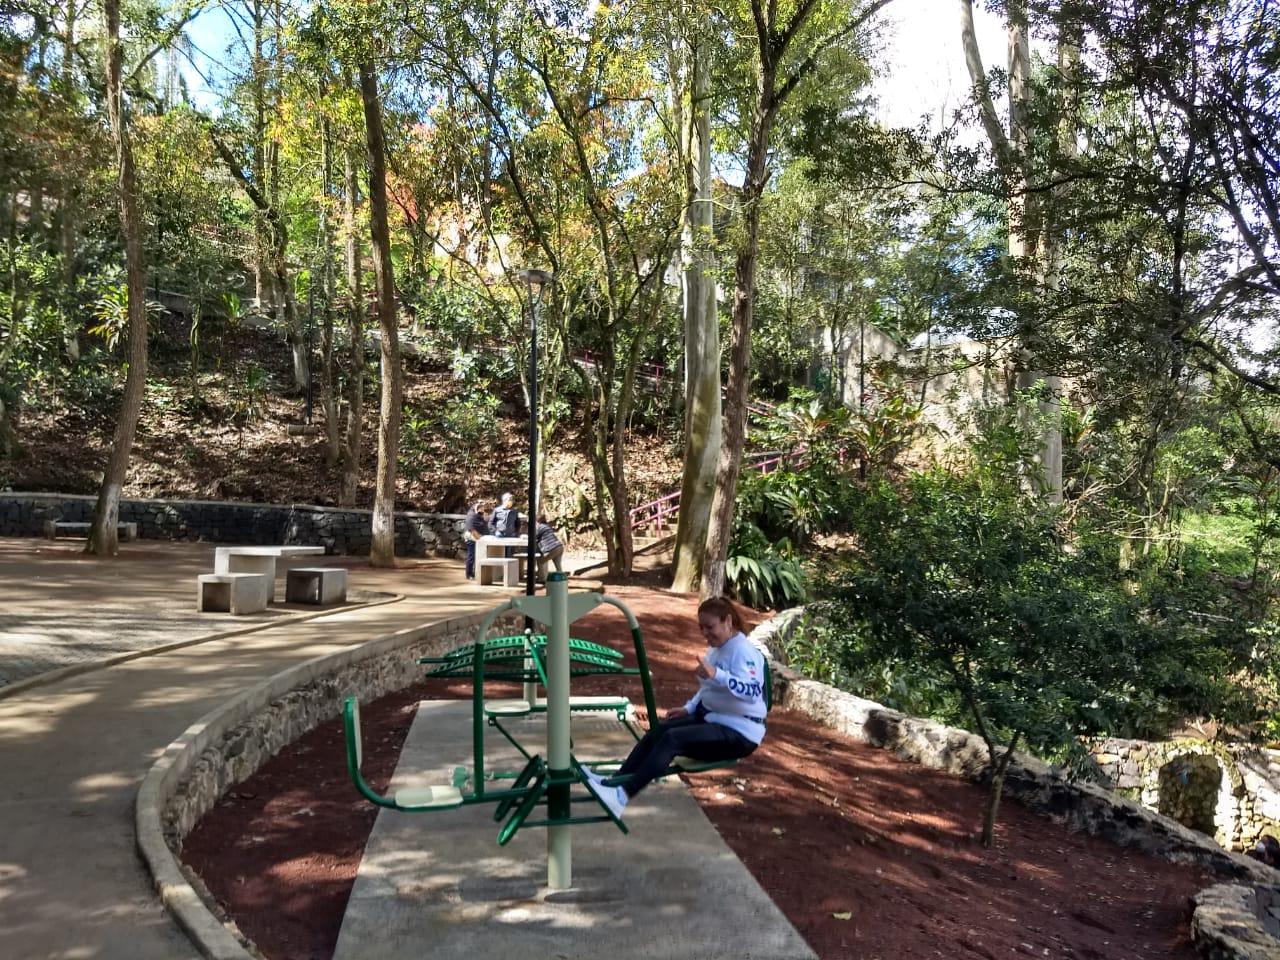 Inauguraron nuevo parque en Xalapa, El Naranjillo en la colonia Casablanca